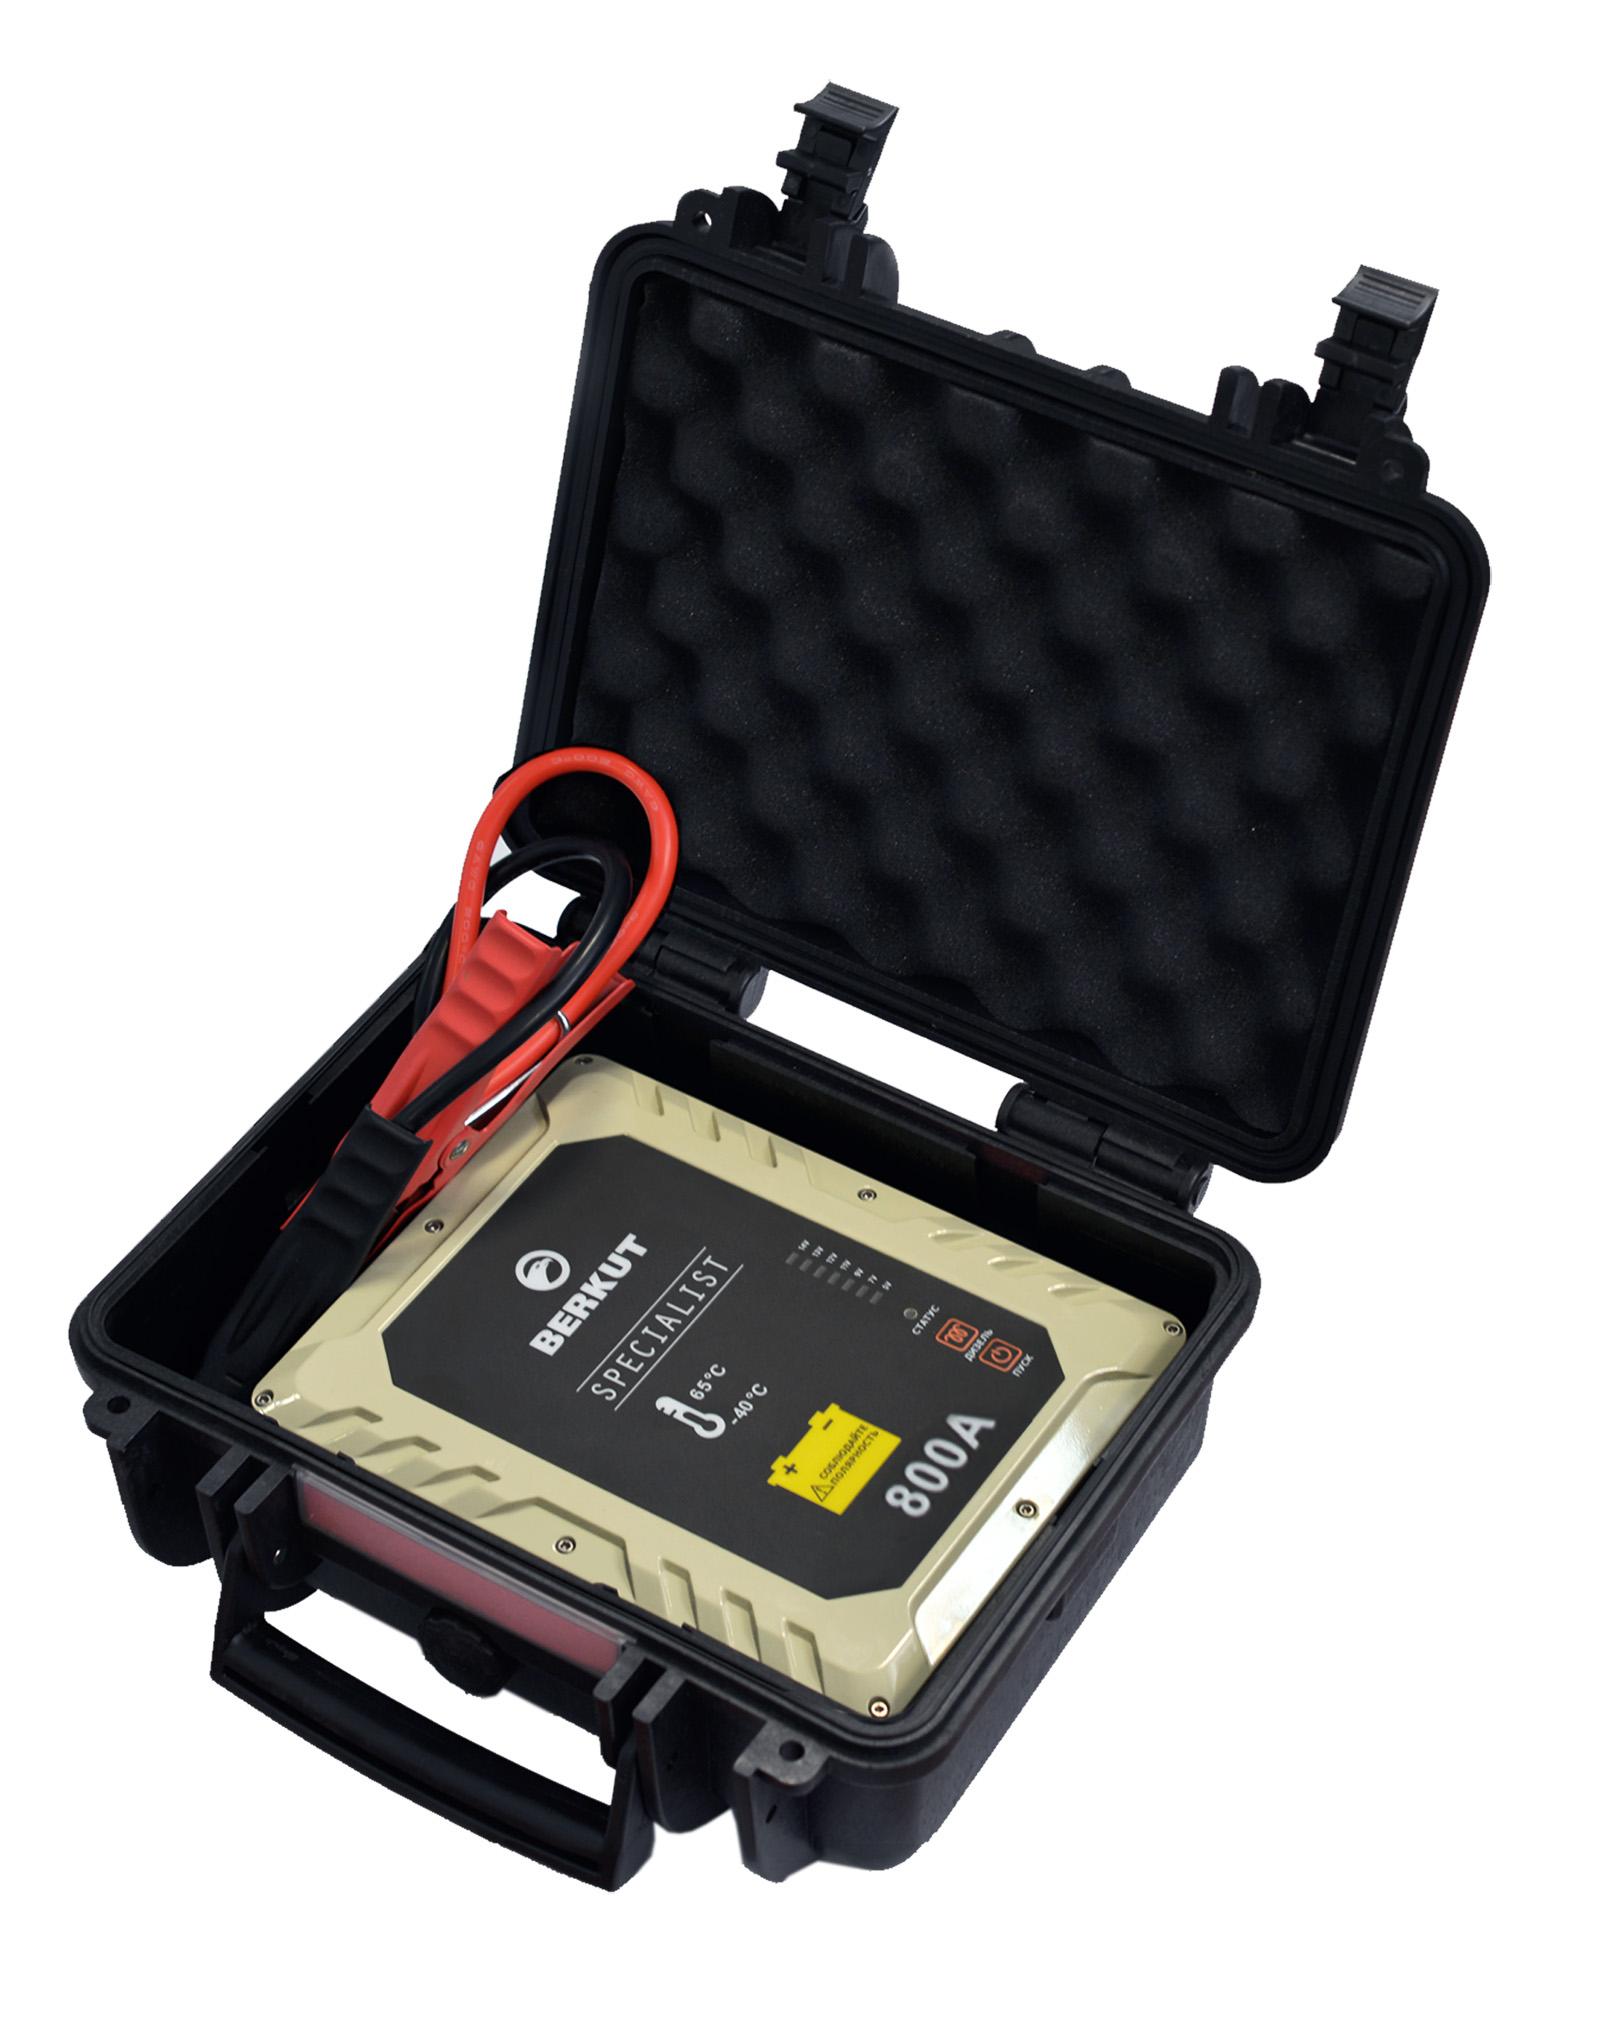 Пуско-зарядное устройство Berkut. JSC800С11210Это специальное пусковое автомобильное устройство конденсаторного типа предназначено для аварийного запуска двигателя транспортного средства в случае неисправной АКБ. Главным достоинством устройства, отличающим его от прочих аналогов, является отсутствие аккумуляторов. Вместо них применены электроконденсаторы сверхбольшой емкости (ионисторы). Применение конденсаторного накопителя заряда позволяет гарантированно запустить двигатель автомобиля как с основательно разряженной АКБ, причем даже в том случае, когда ее остаточная емкость составляет всего 5%, так и без аккумулятора с предварительной зарядкой от АКБ или розетки прикуривателя другого автомобиля, а также от зарядного устройства с разъемом микро USB. Пусковое устройство рекомендовано для любых типов транспортных средств с бензиновым двигателем до 6000 см.куб. и дизельным двигателем до 4000 см.куб и напряжением бортовой сети 12В. Технические характеристики:- Напряжение на клеммах: 12 В- Пусковой ток: 800 A- Тип конденсаторов: пусковые, импульсные- Время зарядки от АКБ: до 5 мин- Время зарядки от прикуривателя 12V: 15-20 мин- Время зарядки от Мини USB 5V: 2-3 часа- Количество попыток запуска при полной зарядке: не более одного пуска- Диапазон температур для запуска и хранения: -40 °C +65 °C- Вход Micro USB: 5В (2000 мА)- Вход для зарядки: 12В (10 А) Функциональные особенности:- Не требует подзарядки во время хранения- Готов к использованию вне зависимости от продолжительности хранения- Режим для запуска двигателя автомобиля без аккумулятора- Специальный режим запуска дизеля с предварительным прогревом свечей- Встроенный вольтметр для определения напряжение аккумулятора автомобиля- Отсутствие падение емкости заряда с понижением температур- Нет снижения емкости заряда связанные со старением устройства- Защита от переполюсовки (неправильной полярности)- Защита от короткого замыкания- Цикл заряд/разряд до 10 000 раз- Срок годности - более 10 лет